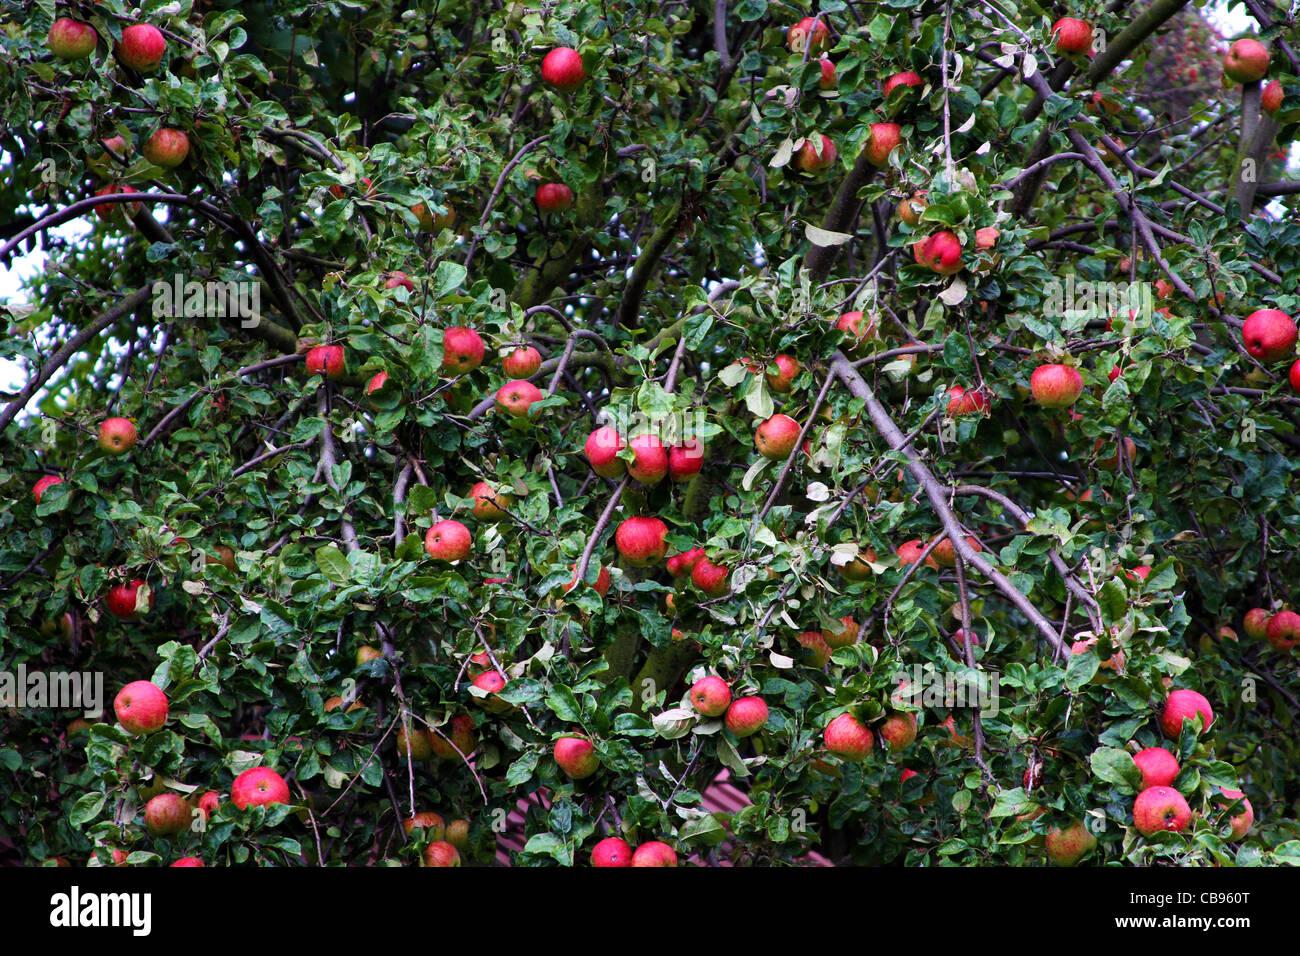 Albero di mele con carichi di mele Immagini Stock